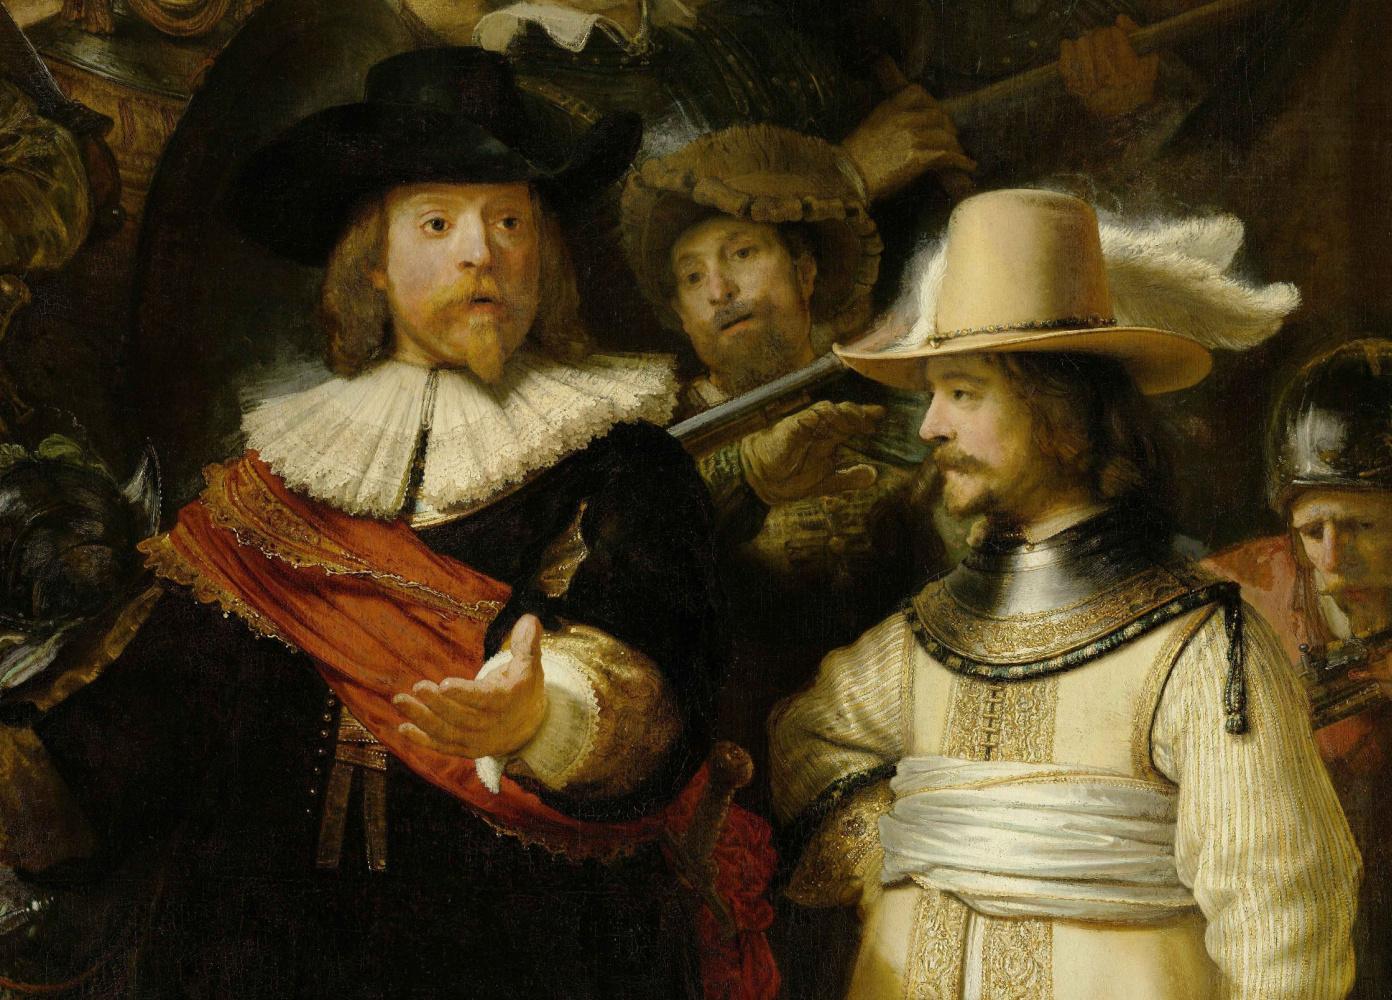 «Весь Рембрандт» от Амстердама до Абу-Даби: выставки к годовщине смерти мастера